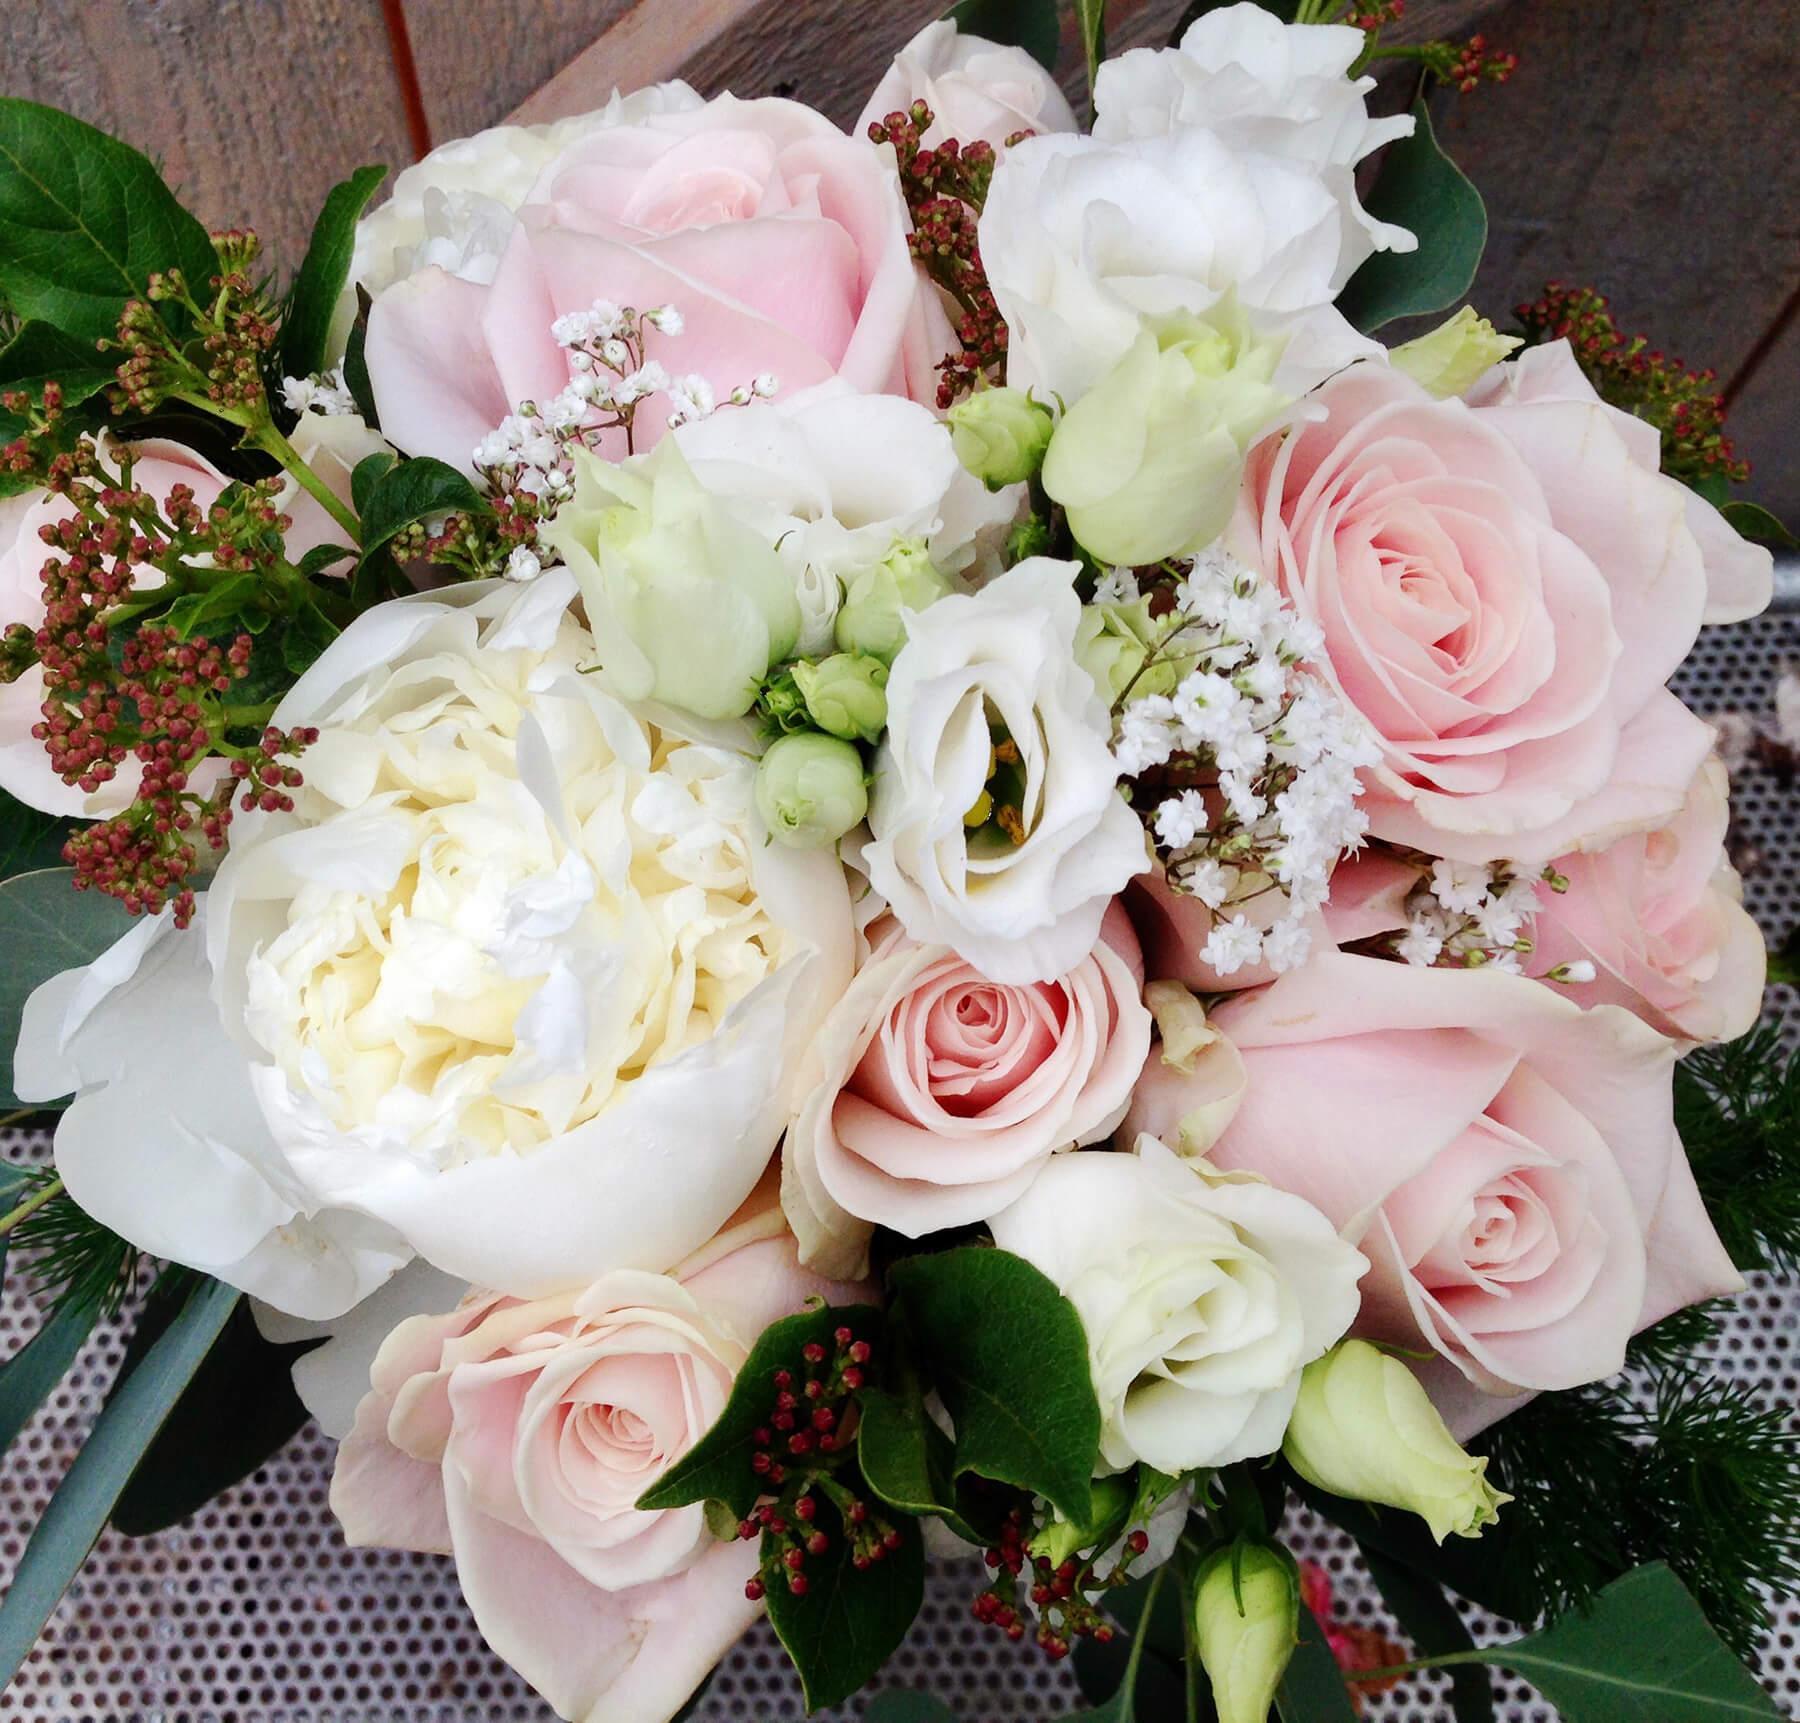 Rundbunden bukett i blekt rosa och vitt. Floristen har använt sig av pioner, rosor, prärieklocka, brudslöja mm.